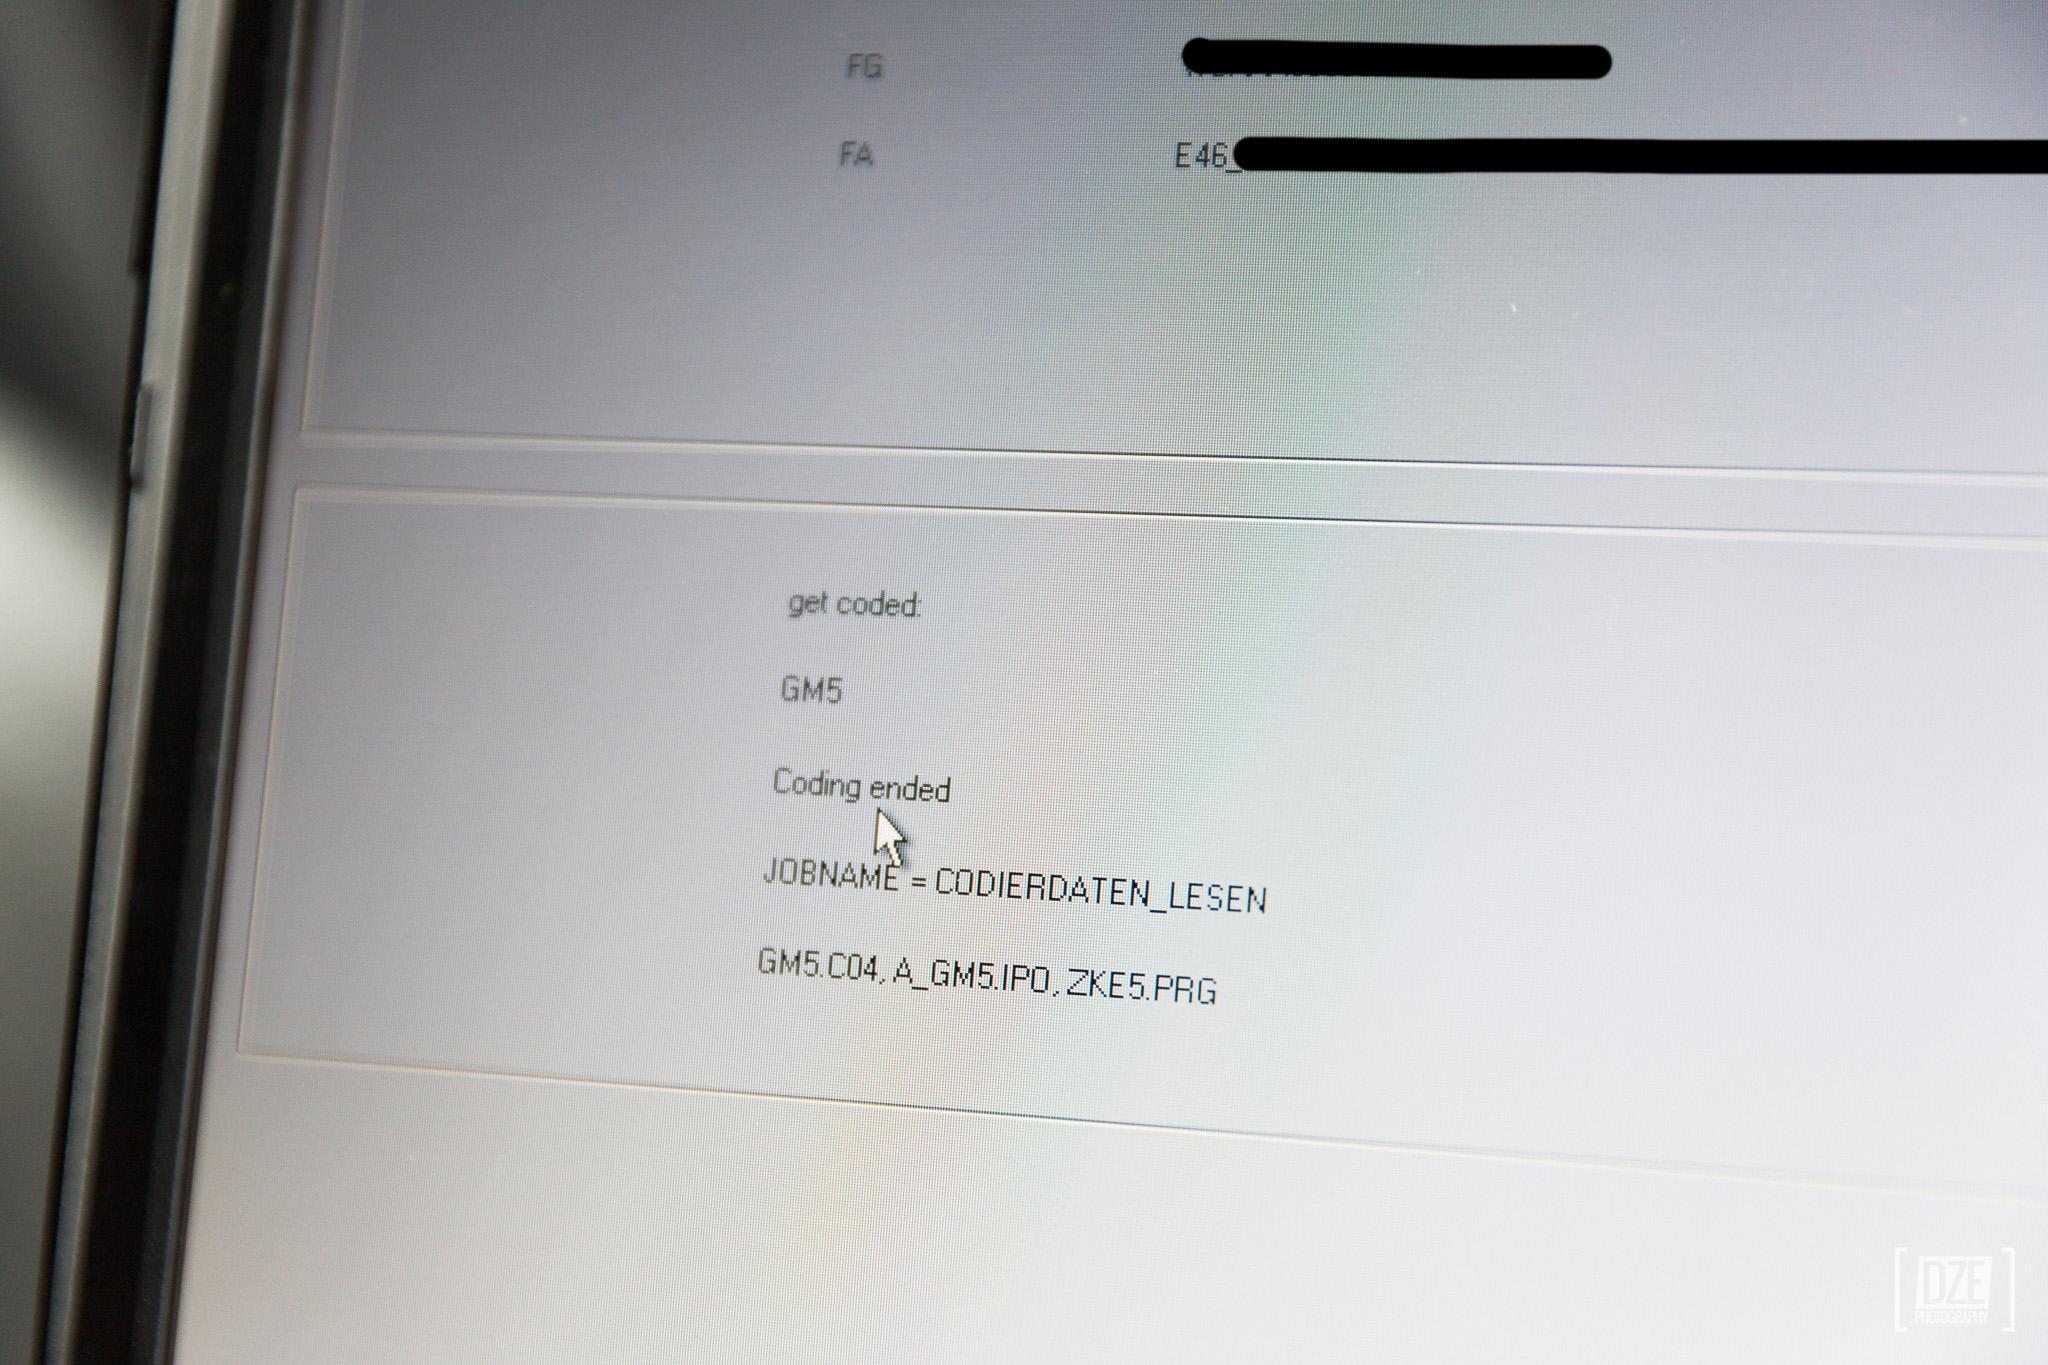 NCS Expert coding detailed how-to guide – E46 | Daze's E46 330D